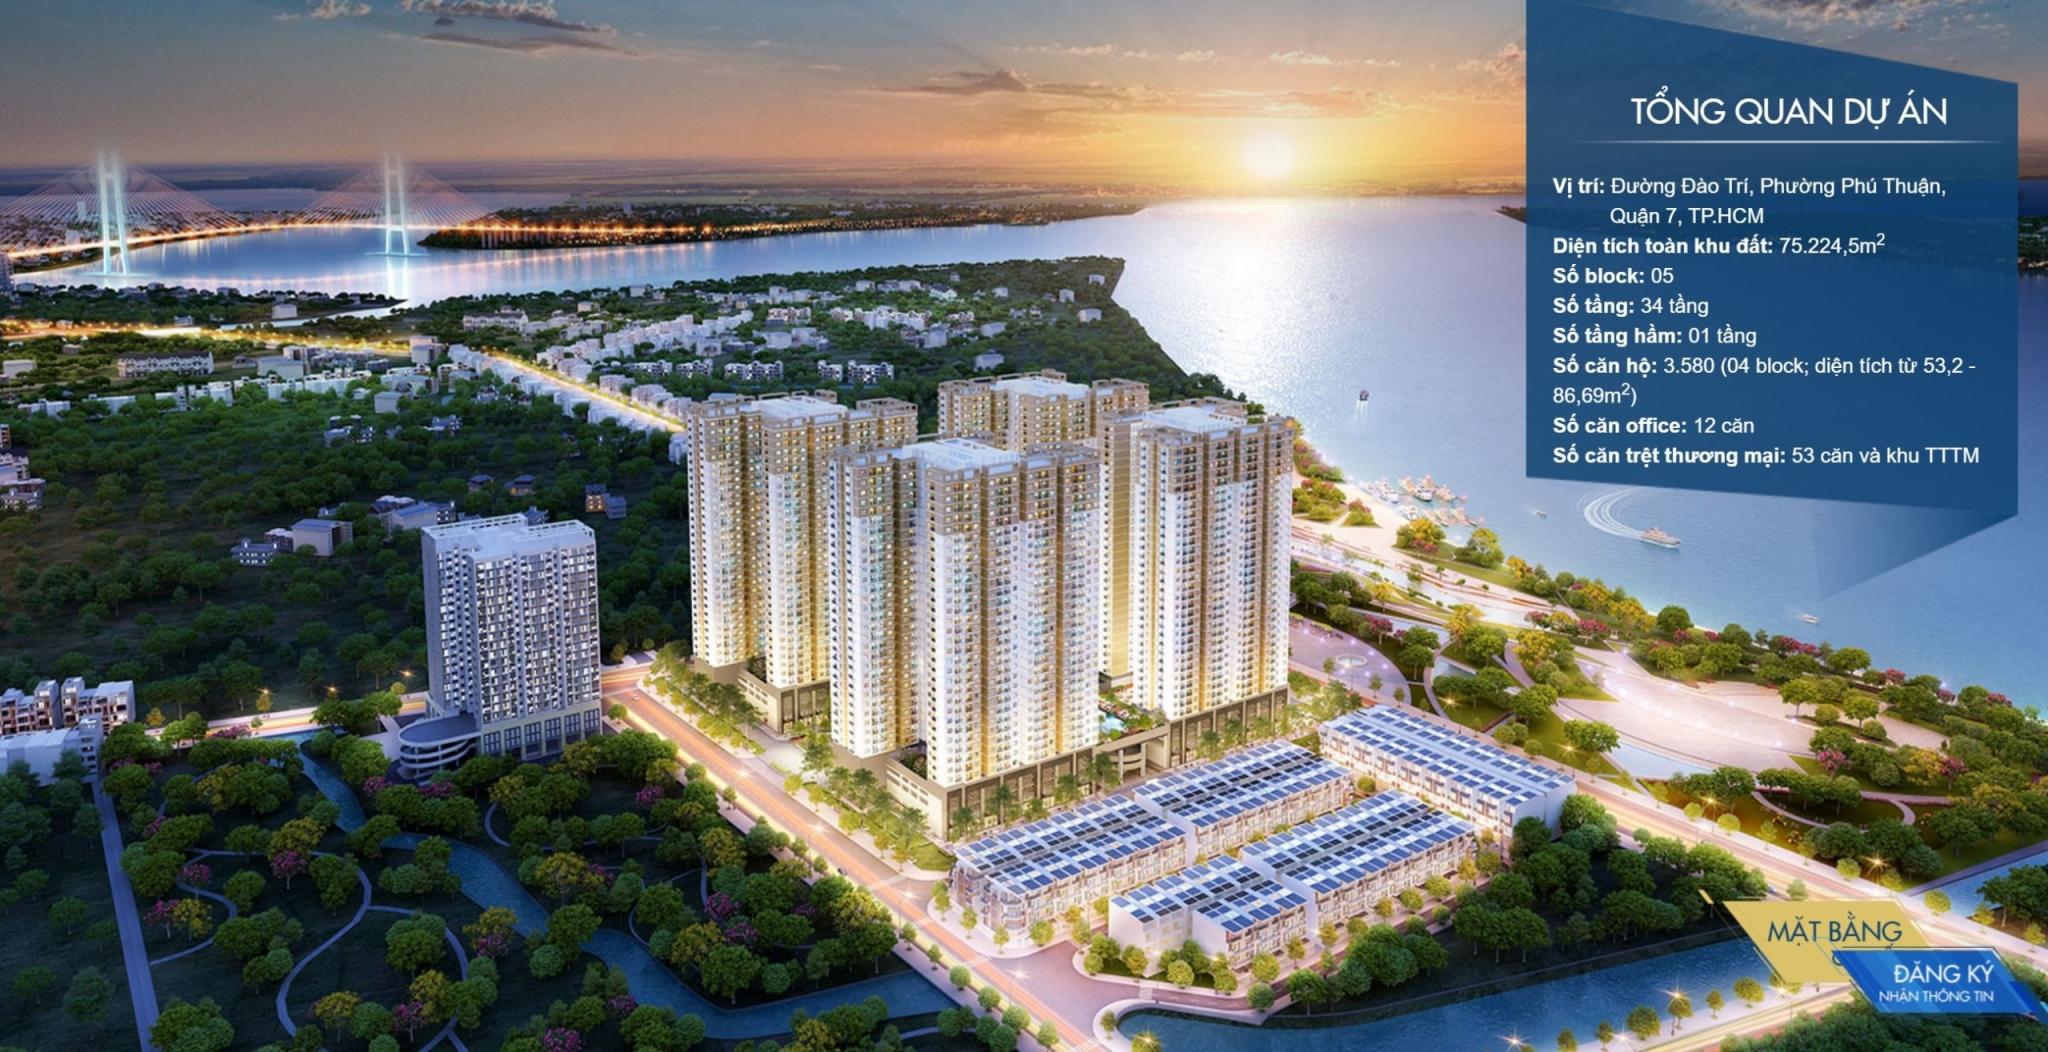 Tổng quan dự án Q7 Saigon Riverside Complex (Q7 Đào Trí) của tập đoàn Hưng Thịnh